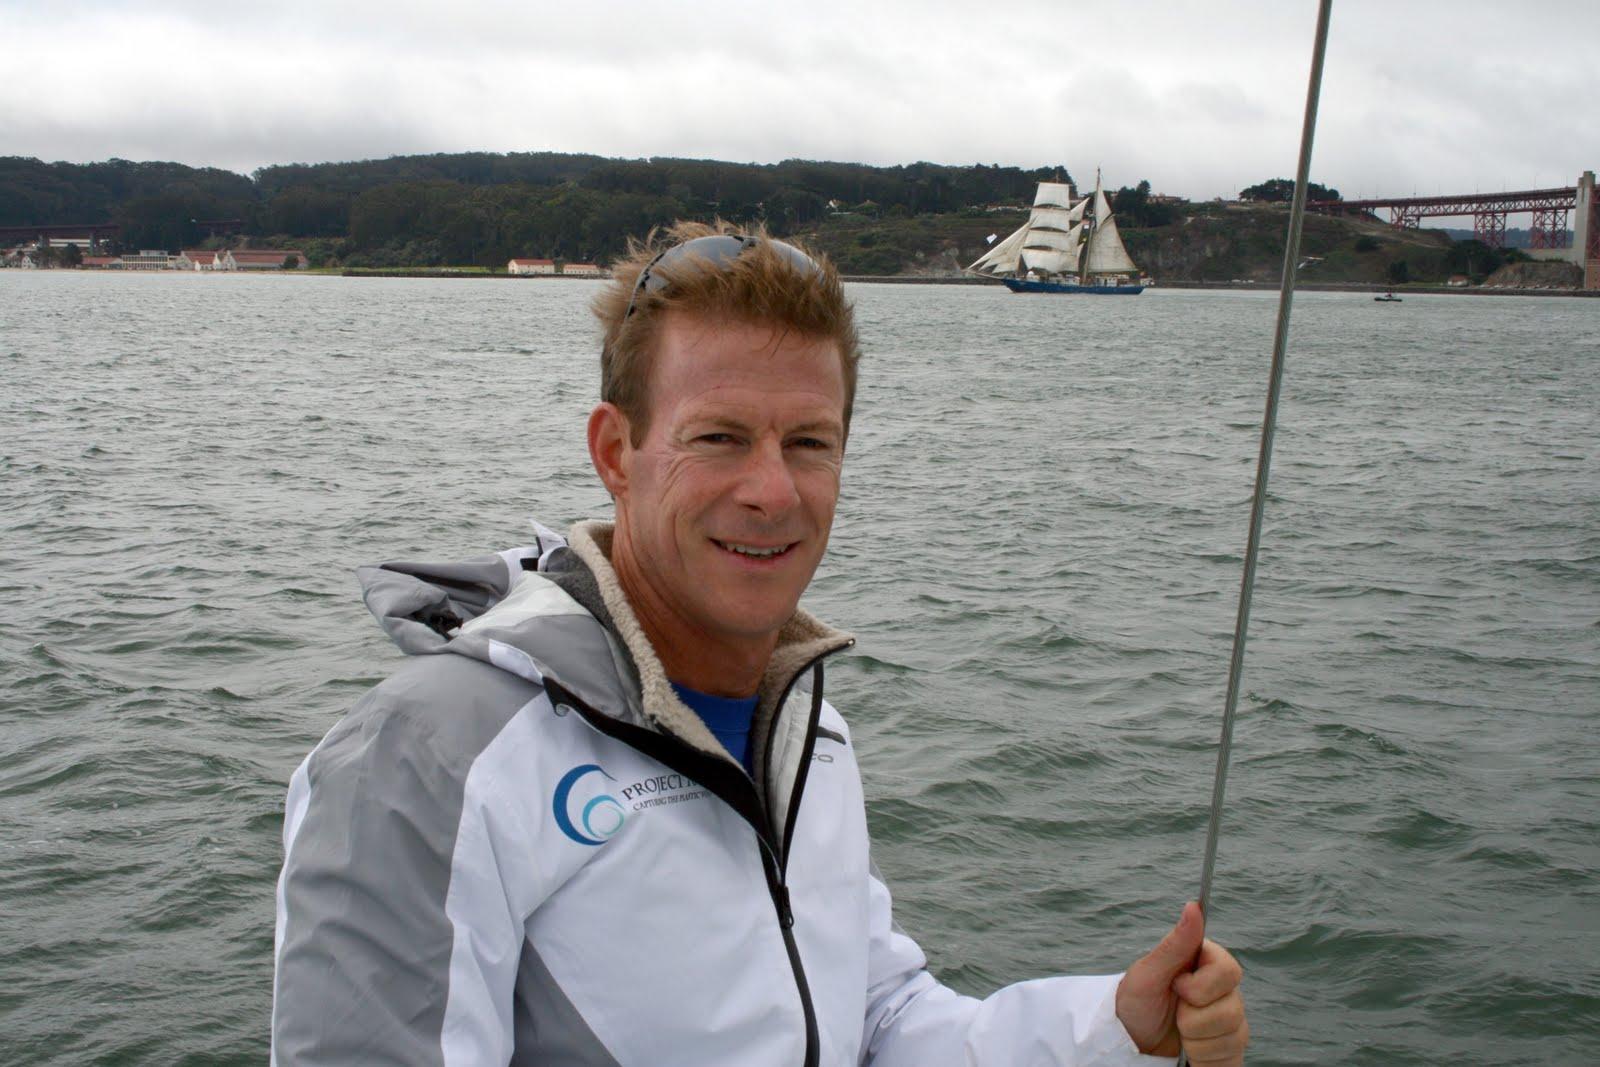 hoto source: Ocean voyages institute  P